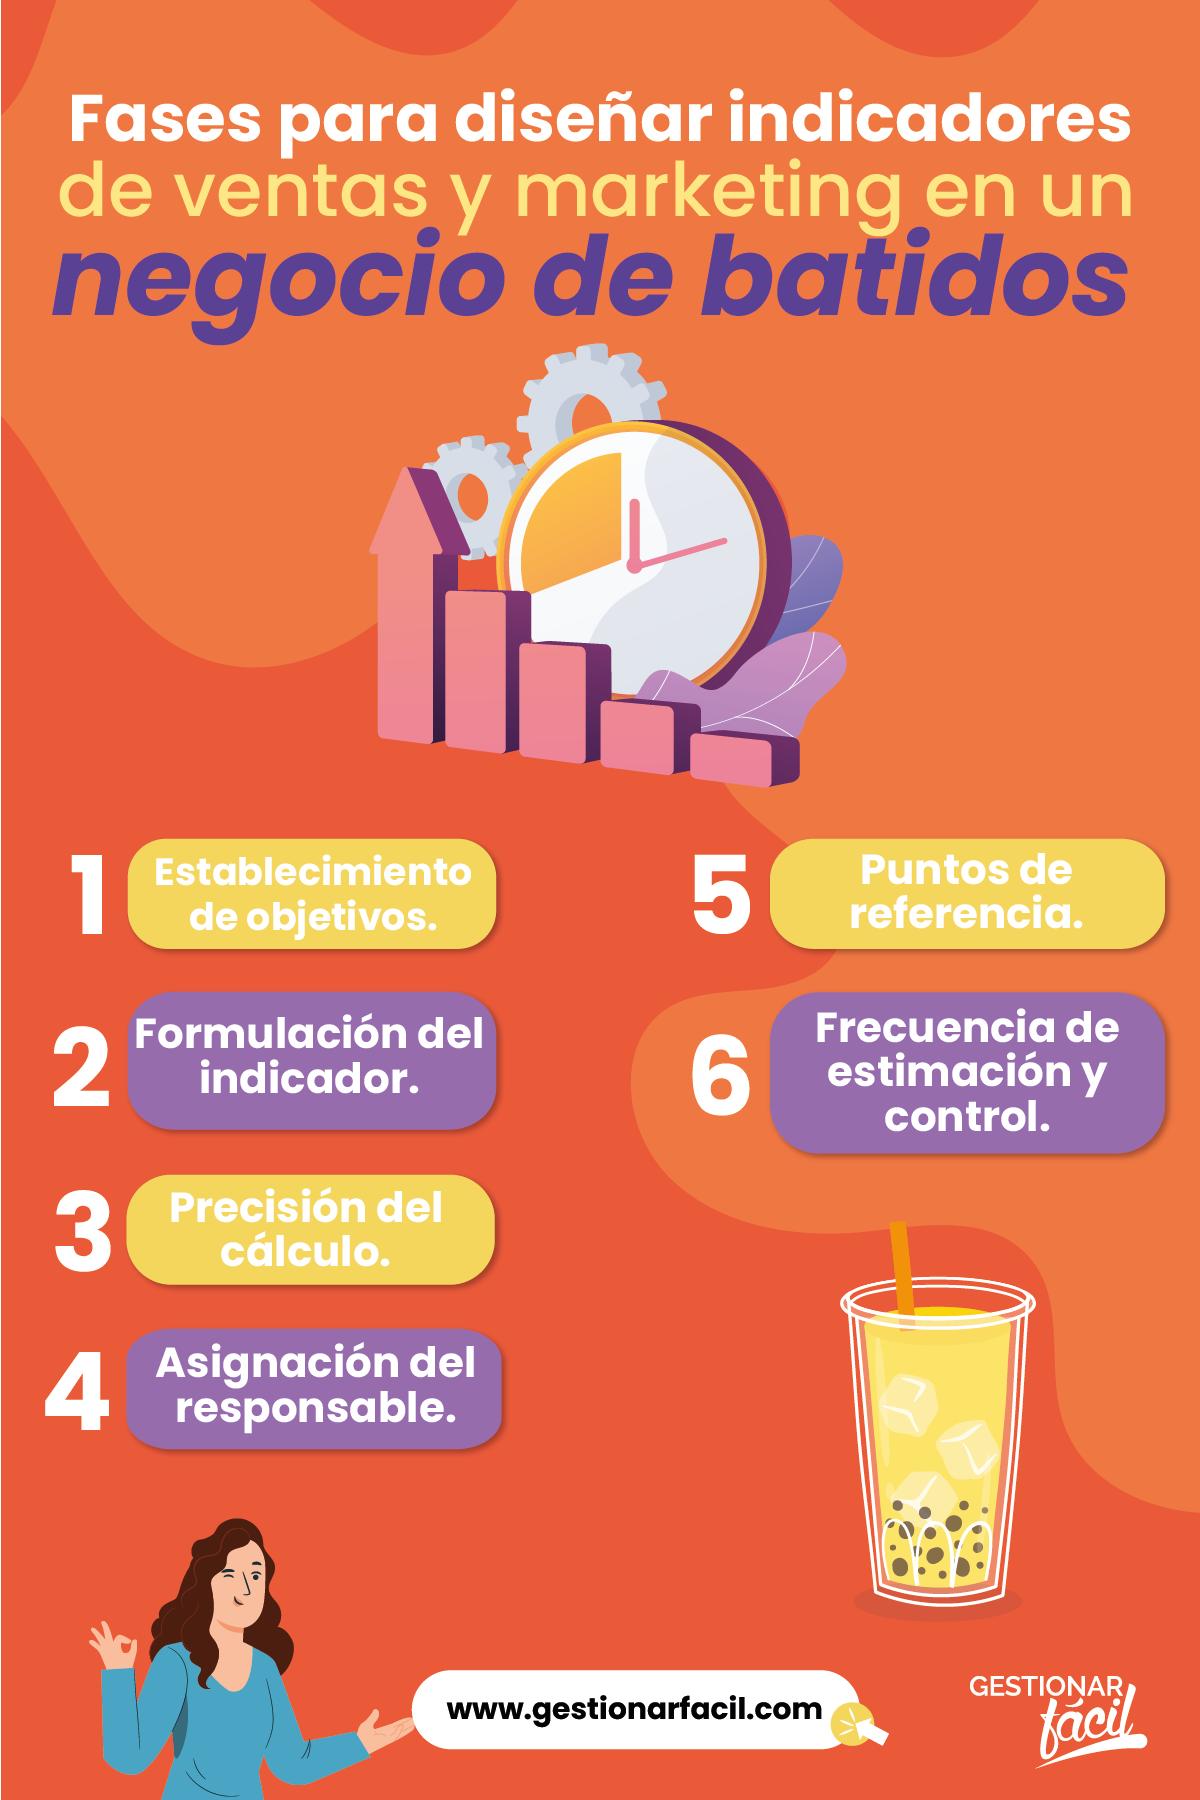 Fases para diseñar indicadores de venta y marketing en negocios de batidos.